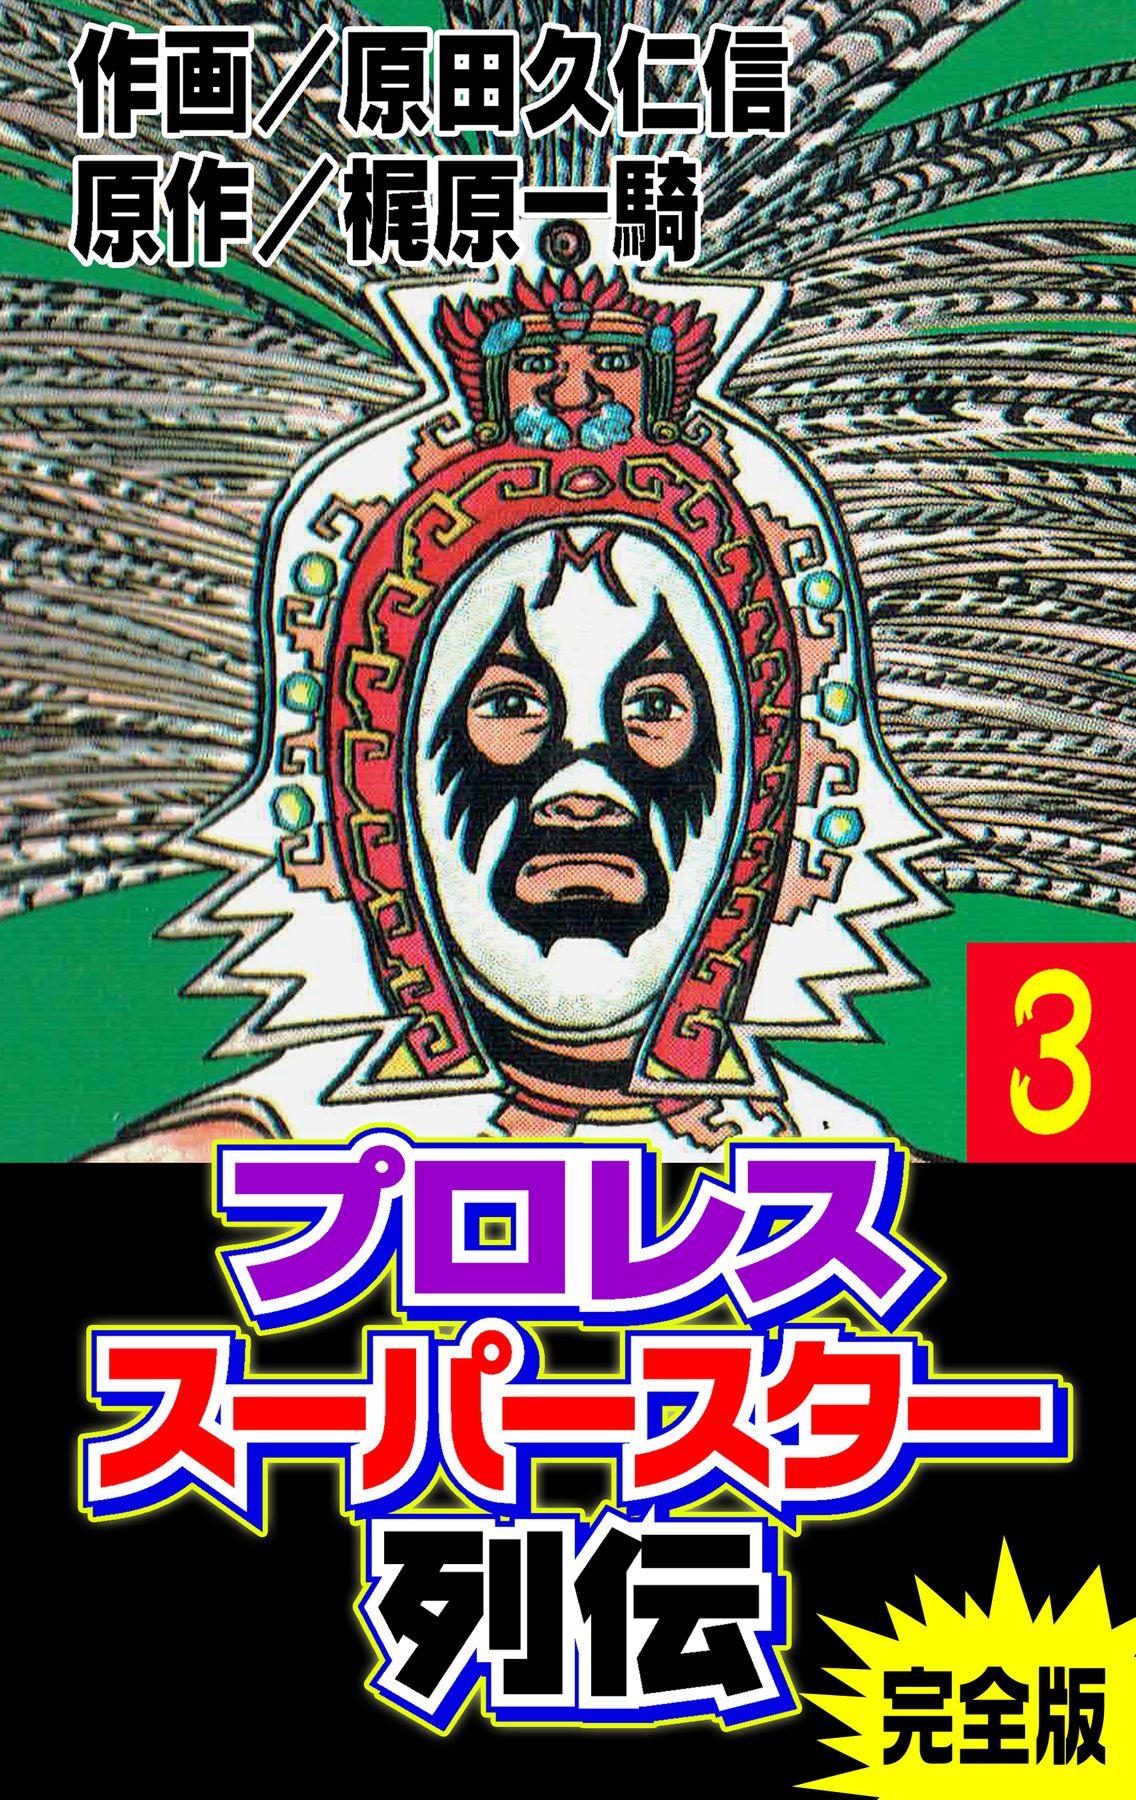 プロレススーパースター列伝【完全版】(第3巻)